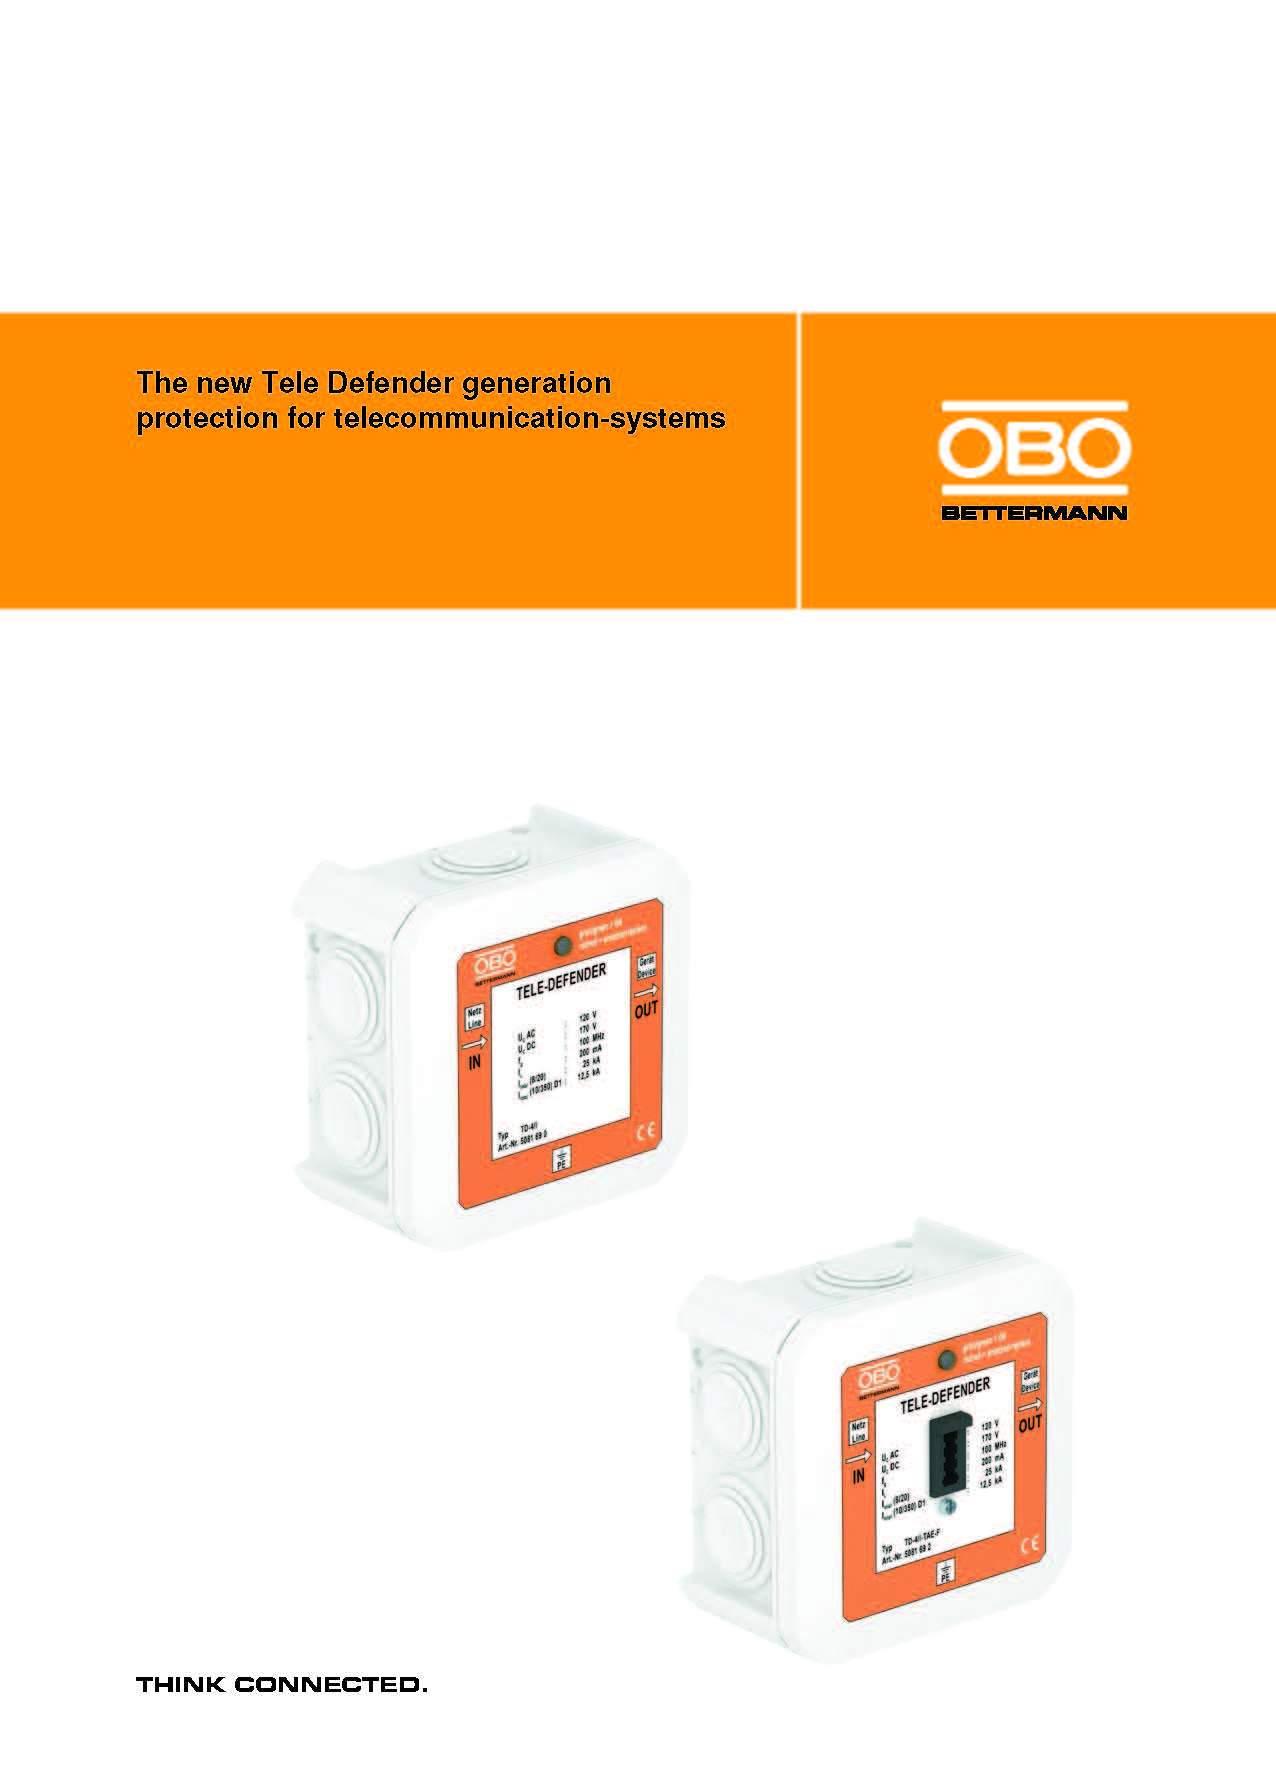 Protección de redes telefónicas digitales